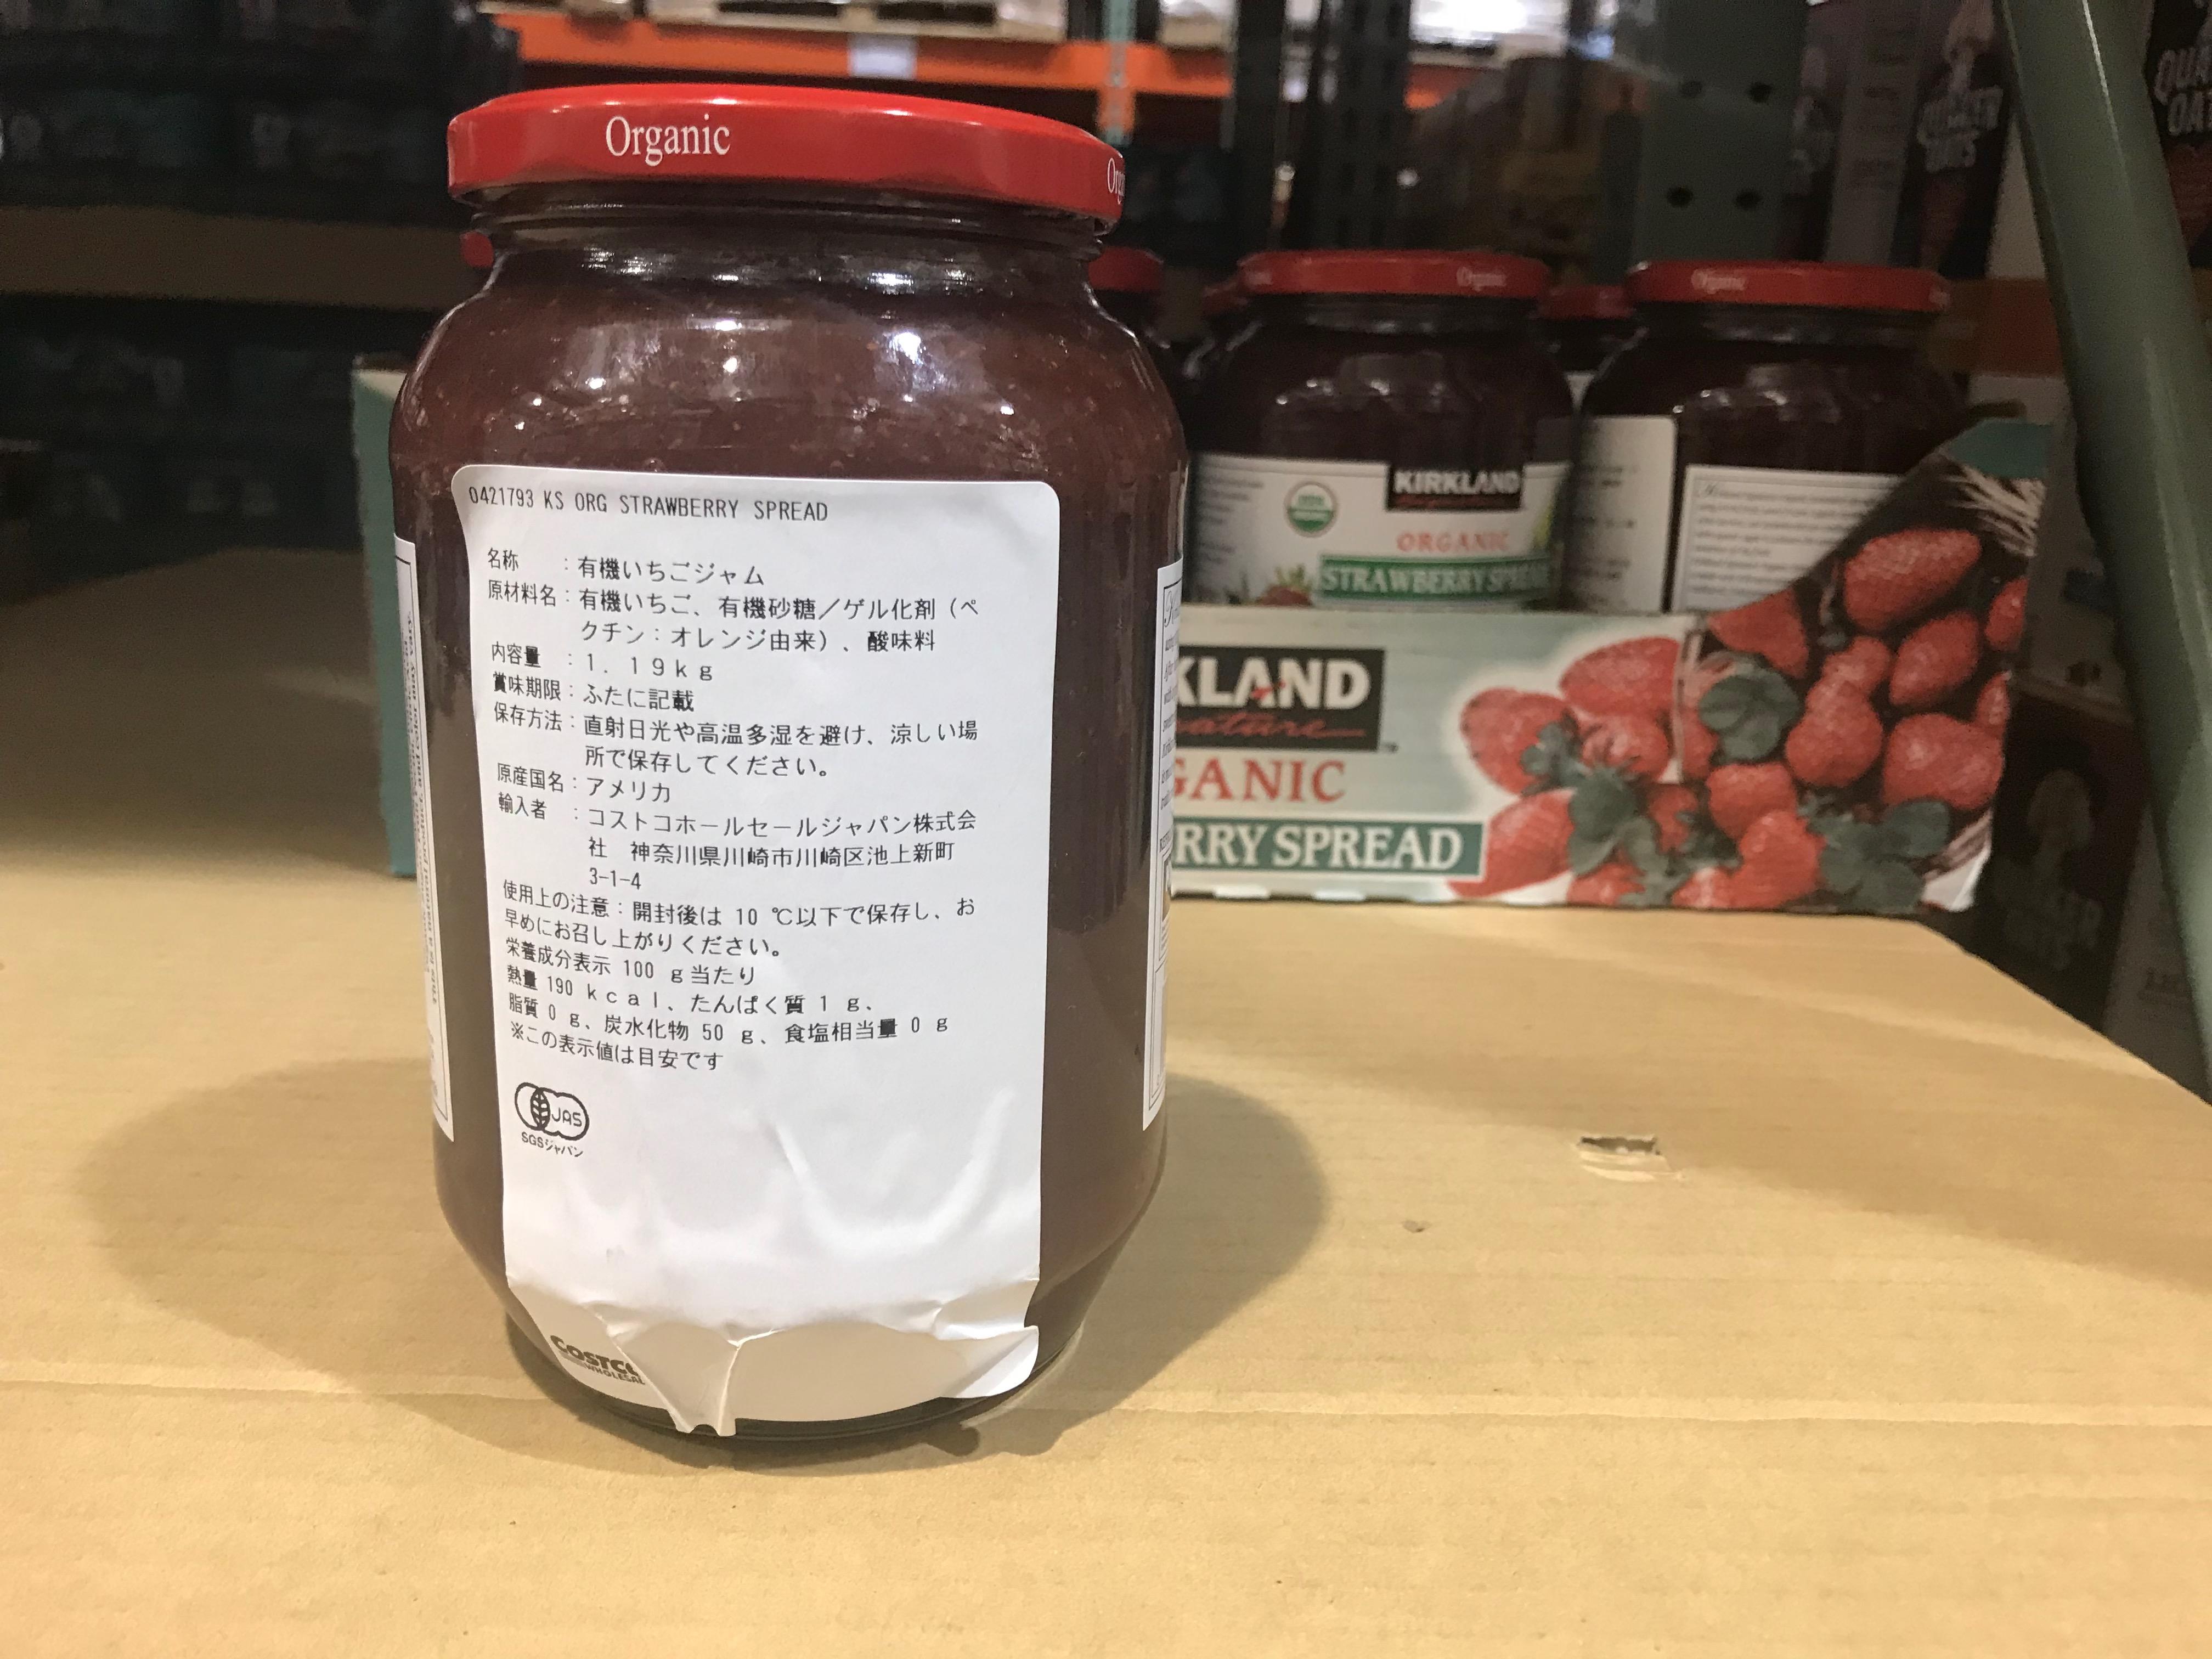 コストコ カークランドシグネチャー オーガニックストロベリースプレッド 栄養素